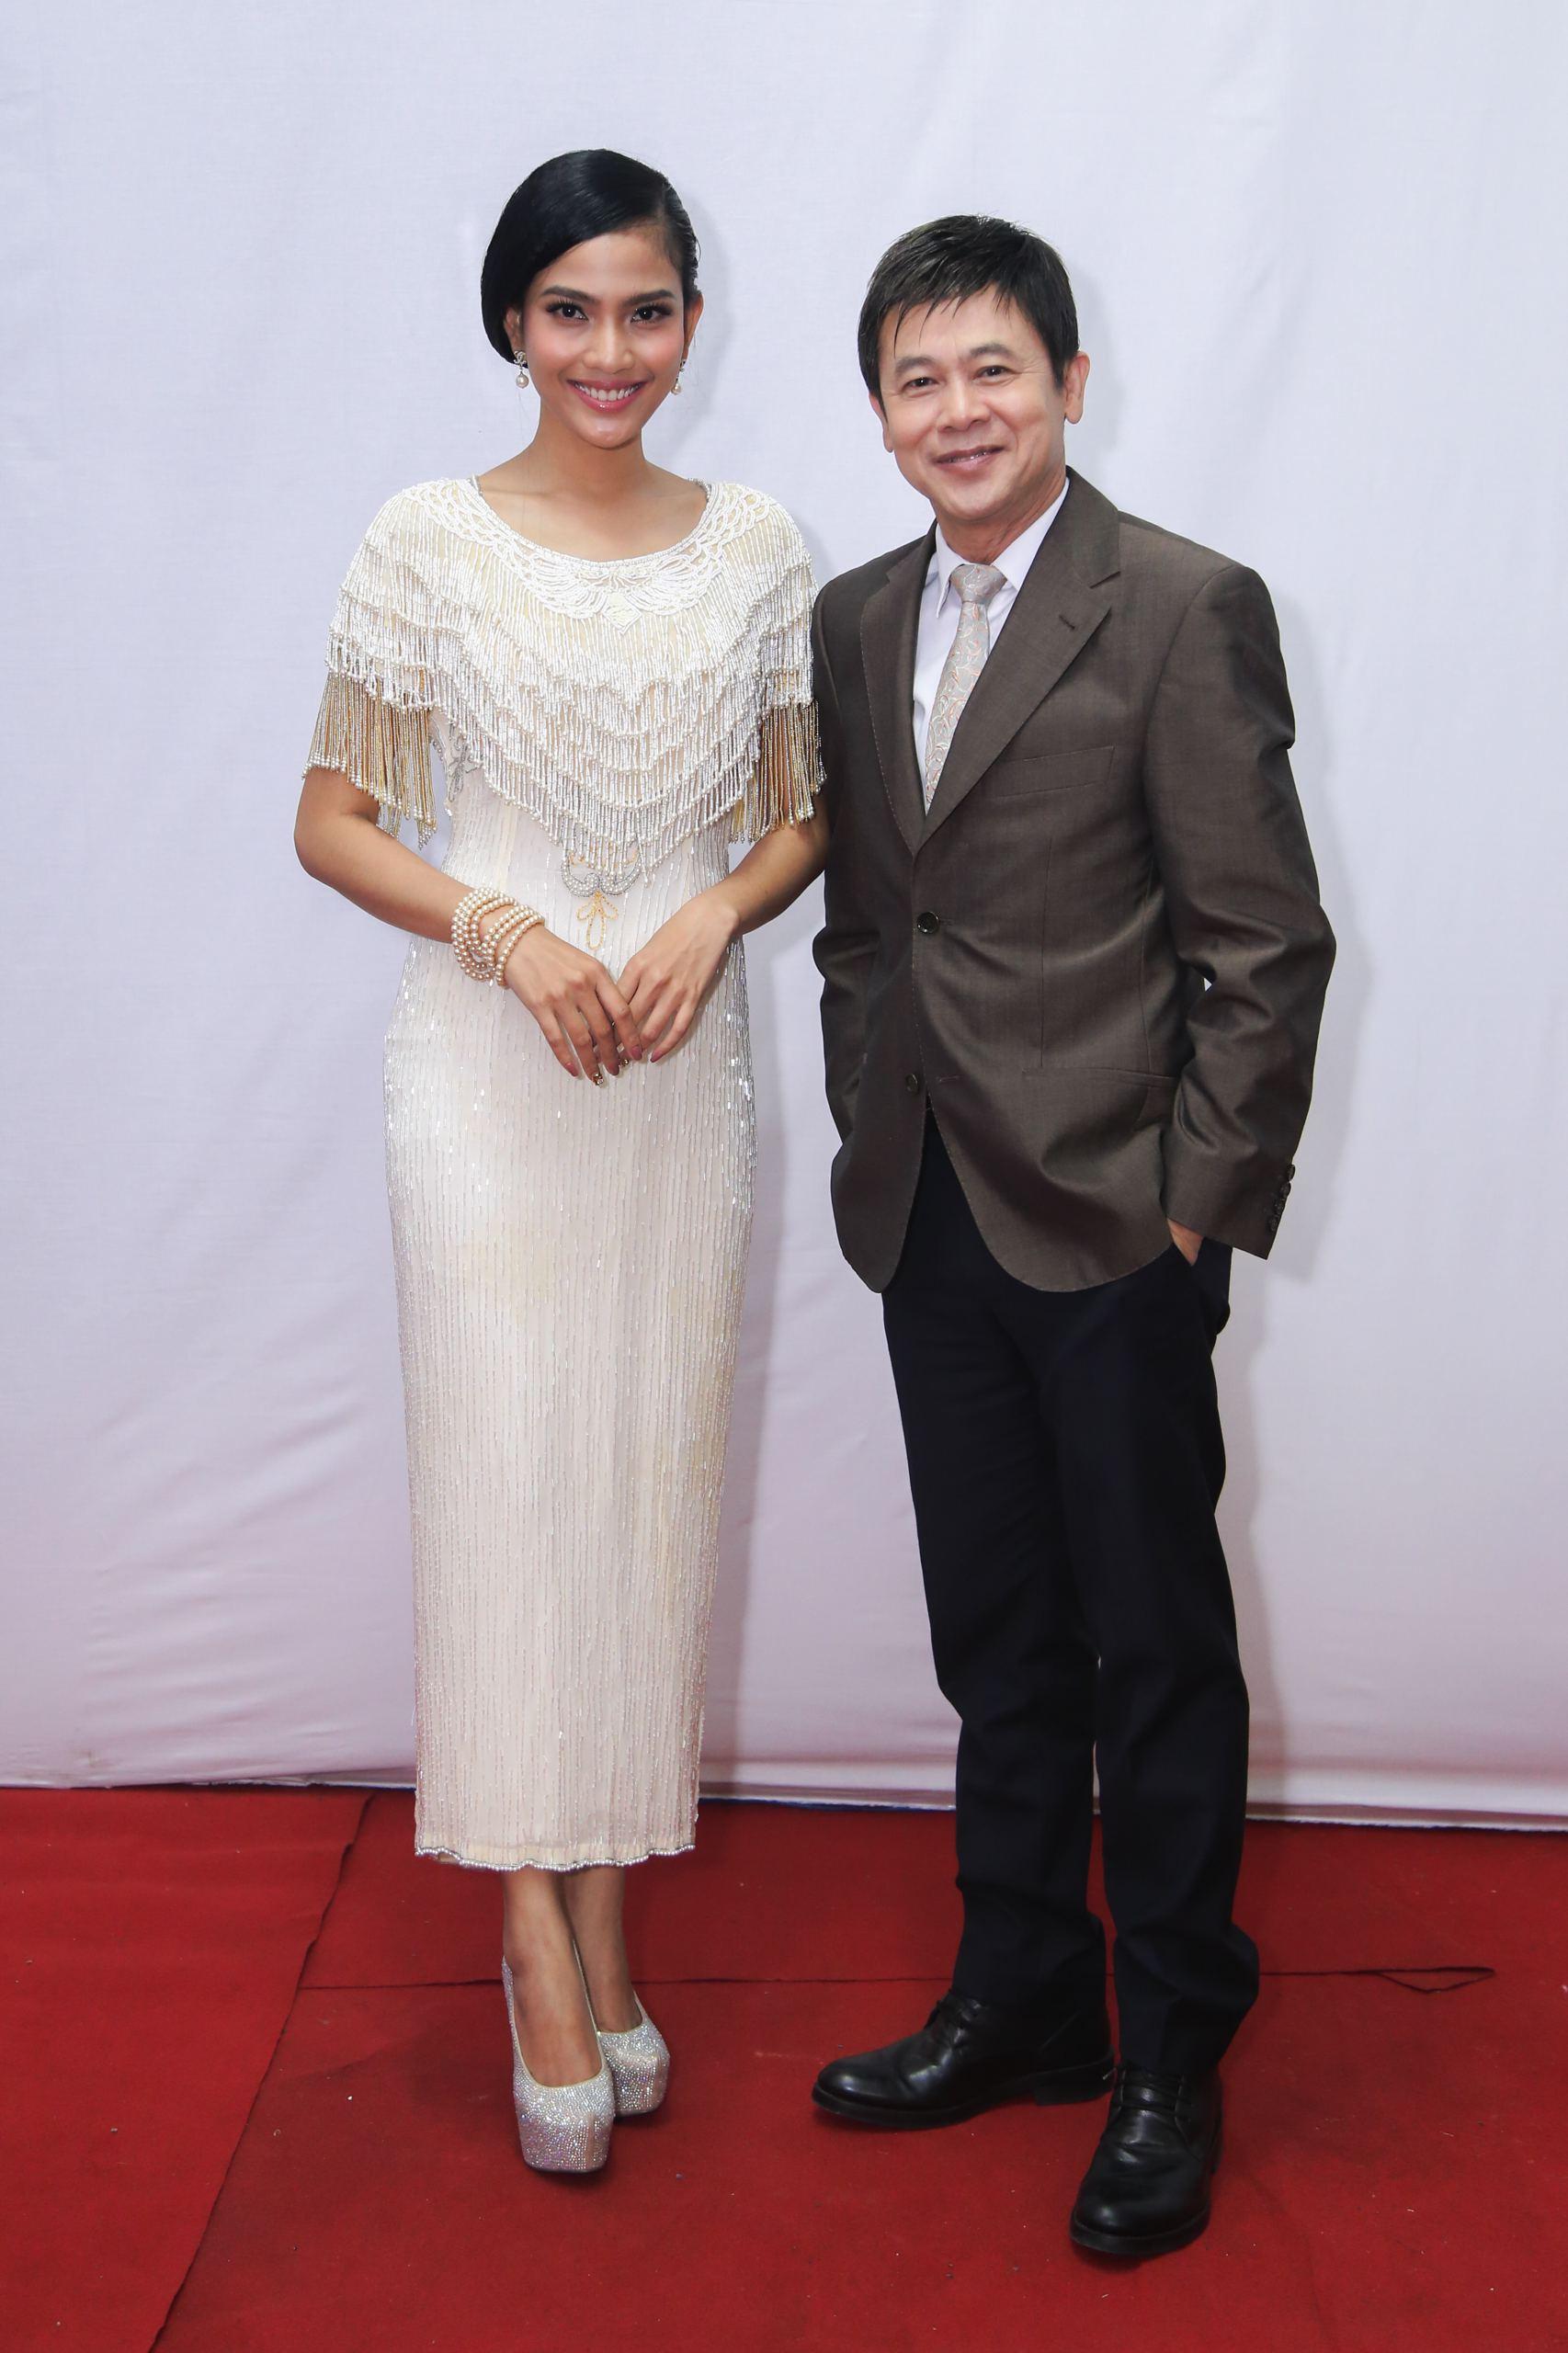 Á hậu Trương Thị May diện váy độc đáo sánh bước bên danh ca Thái Châu - Ảnh 3